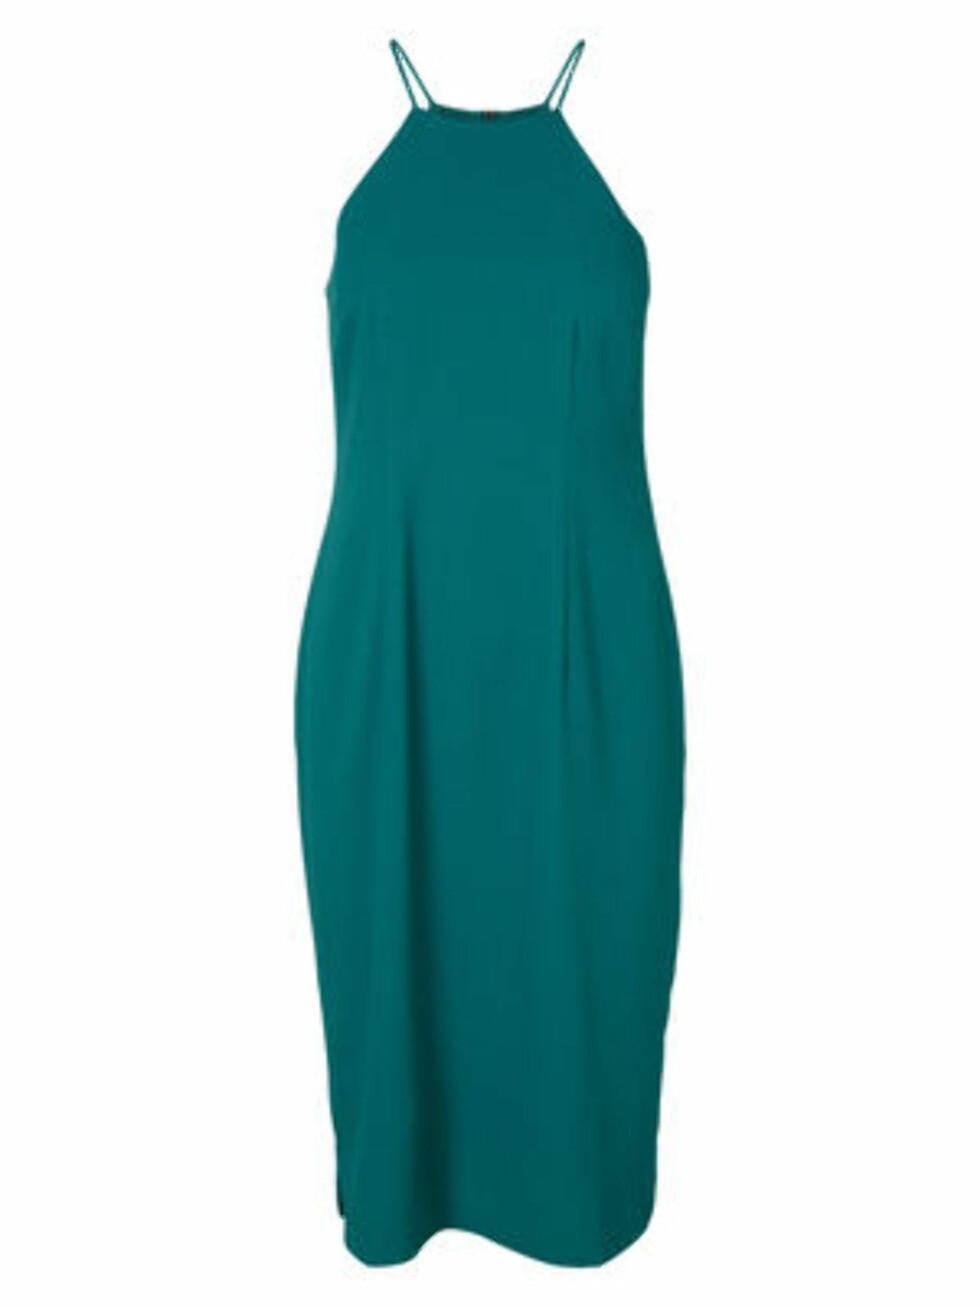 Kjole fra Vero Moda, kr 379,95. Foto: Produsenten